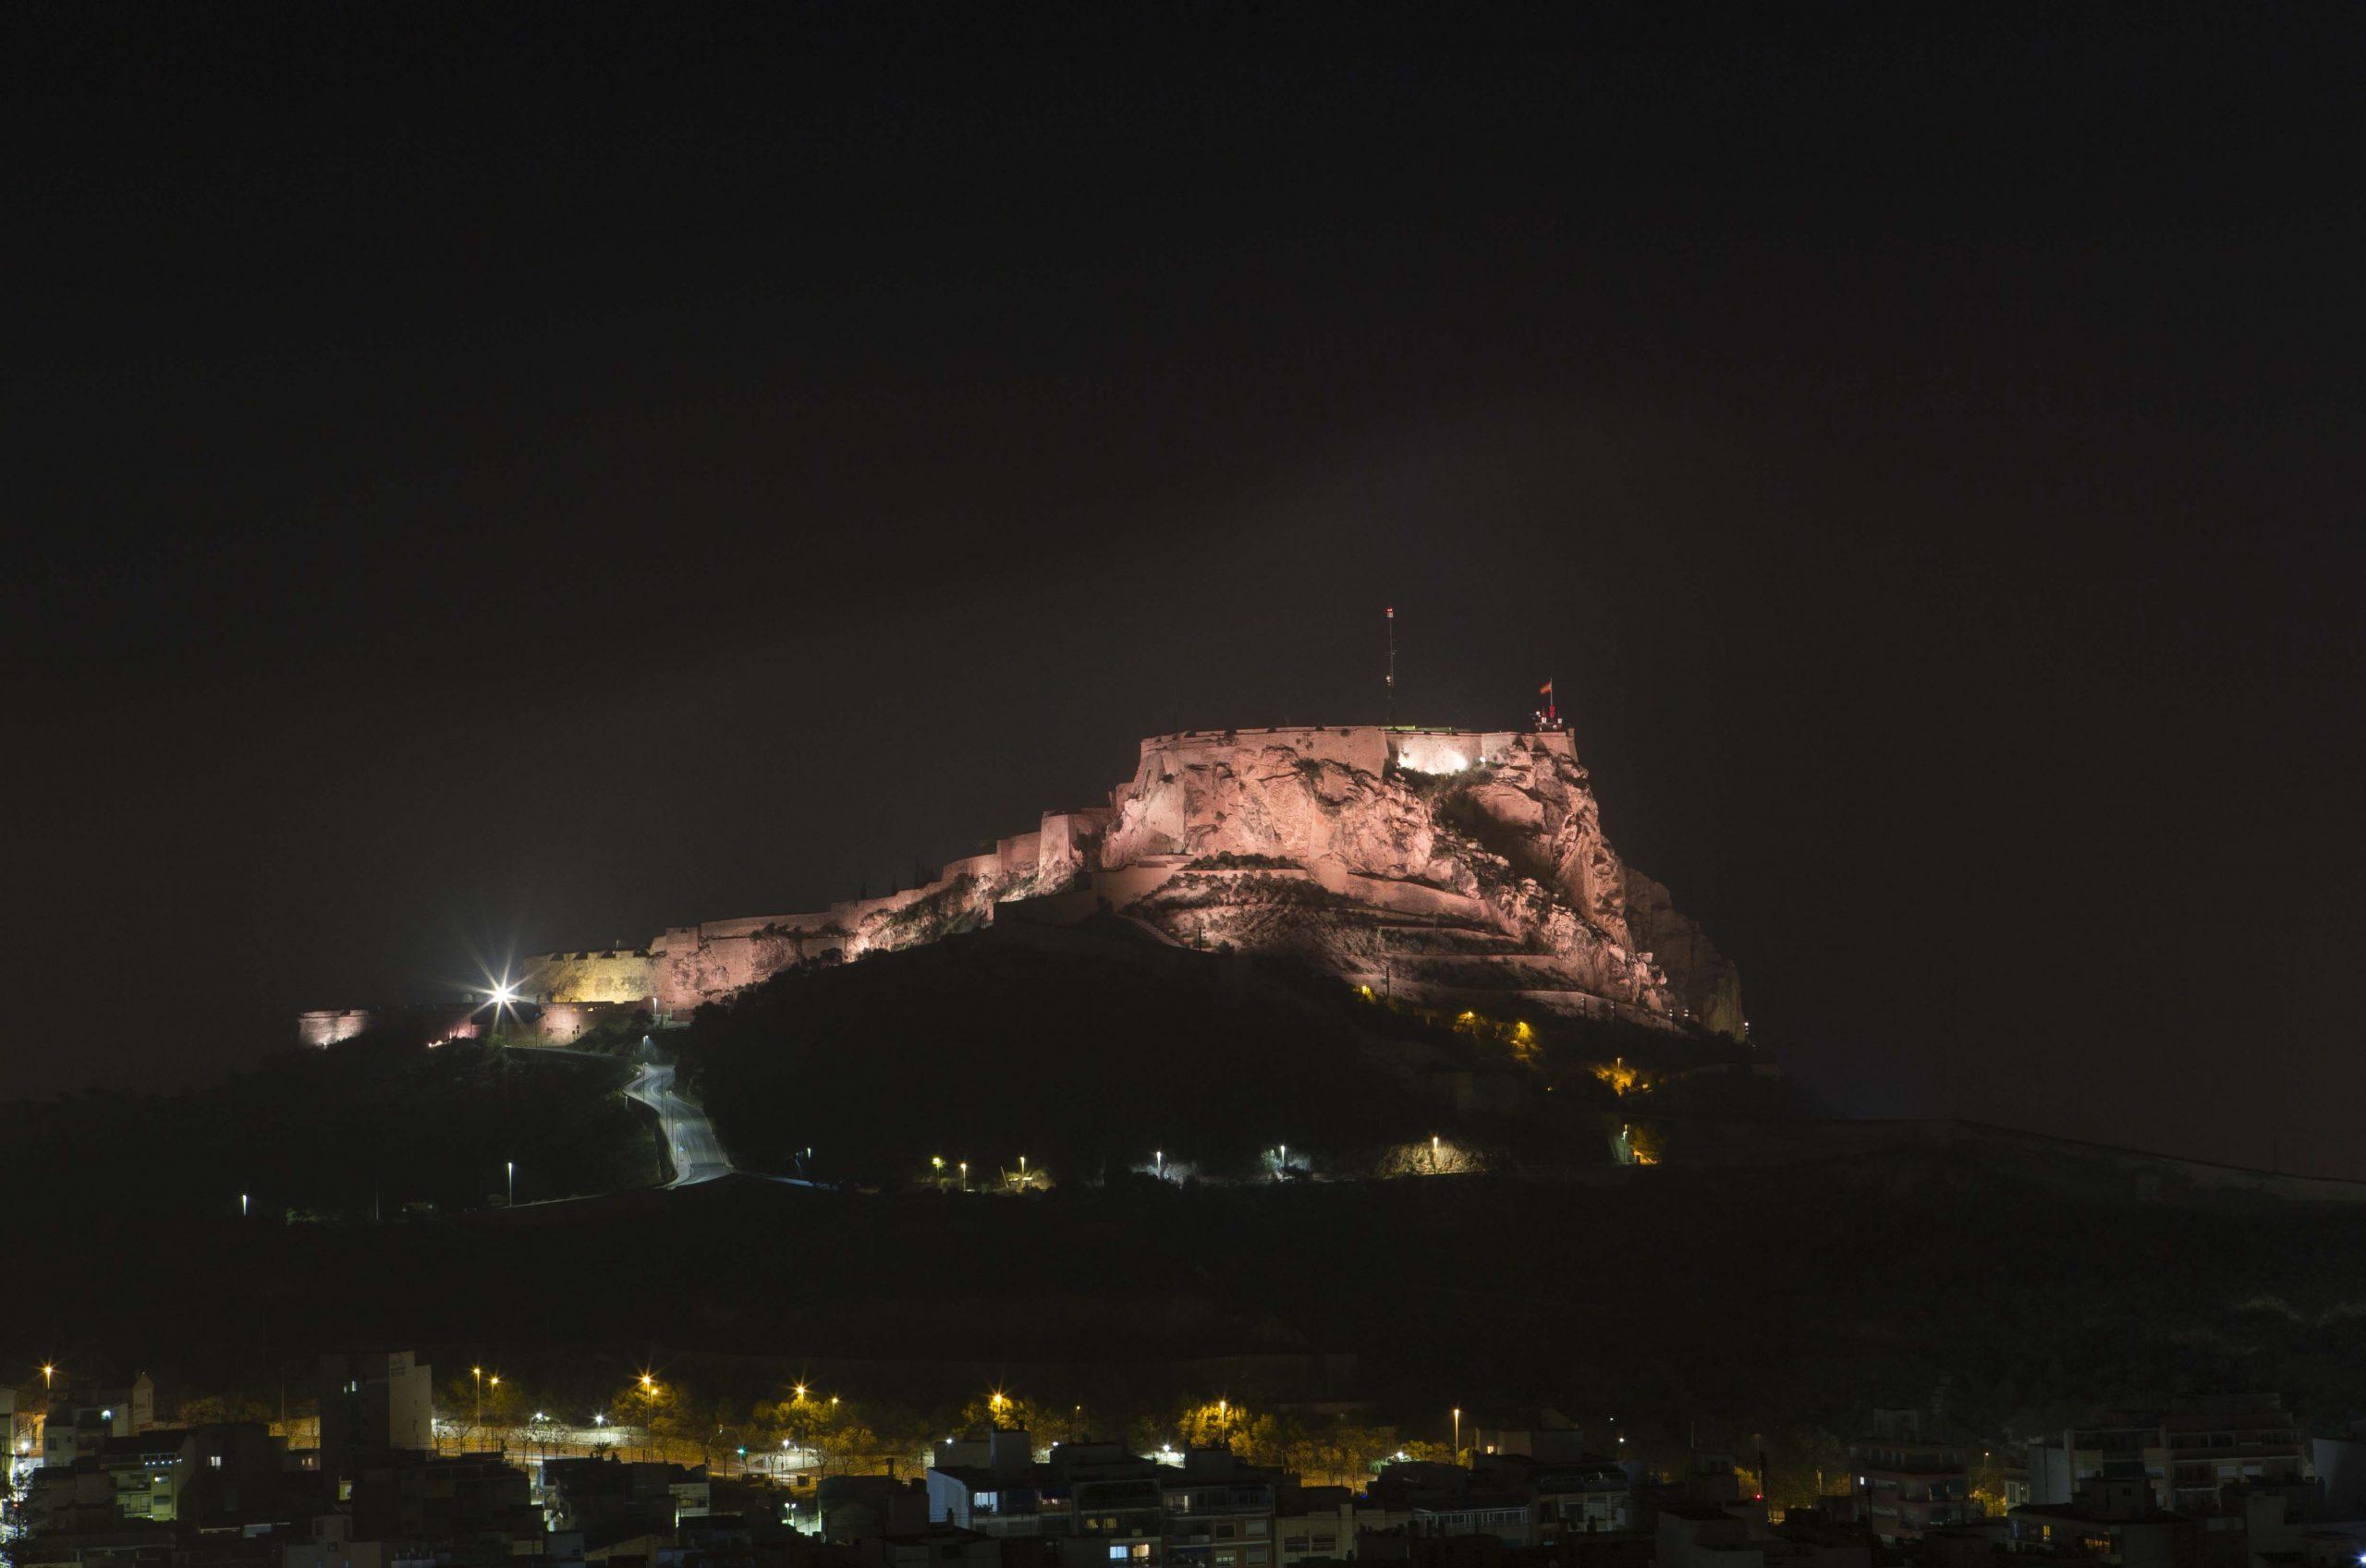 Imagen nocturna del Castillo de Santa Barárbara.   Rafa Arjones.